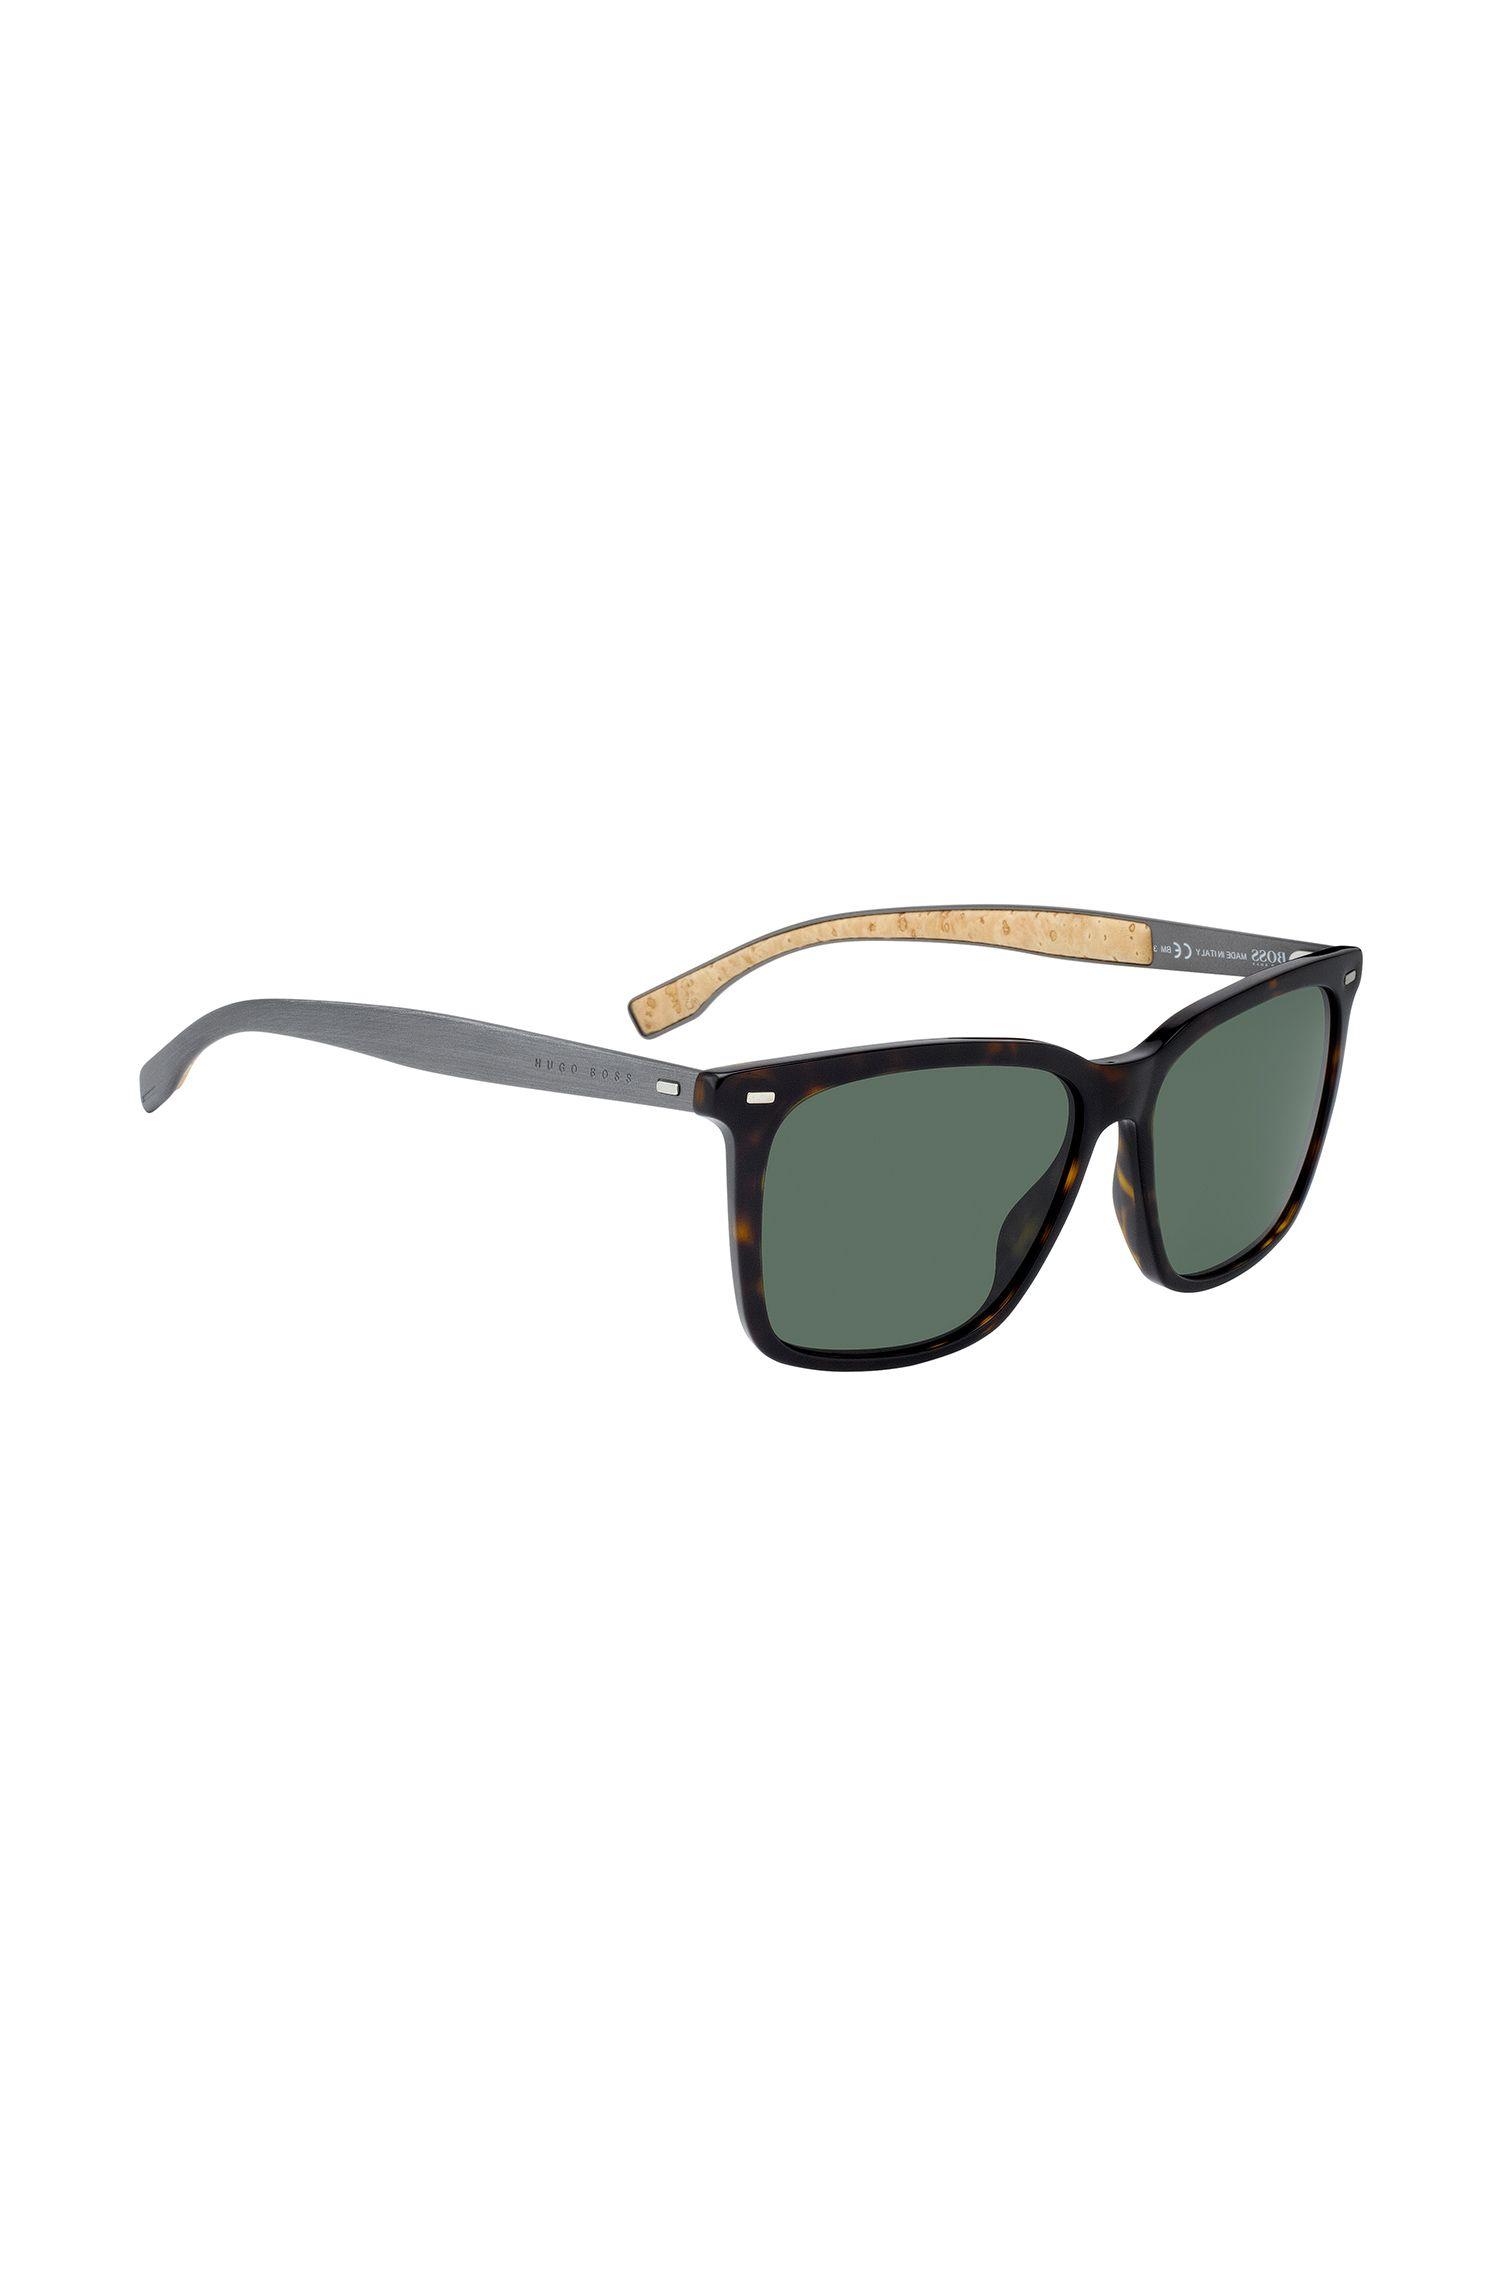 'BOSS 08883S' | Tortoiseshell Acetate Rectangular Sunglasses